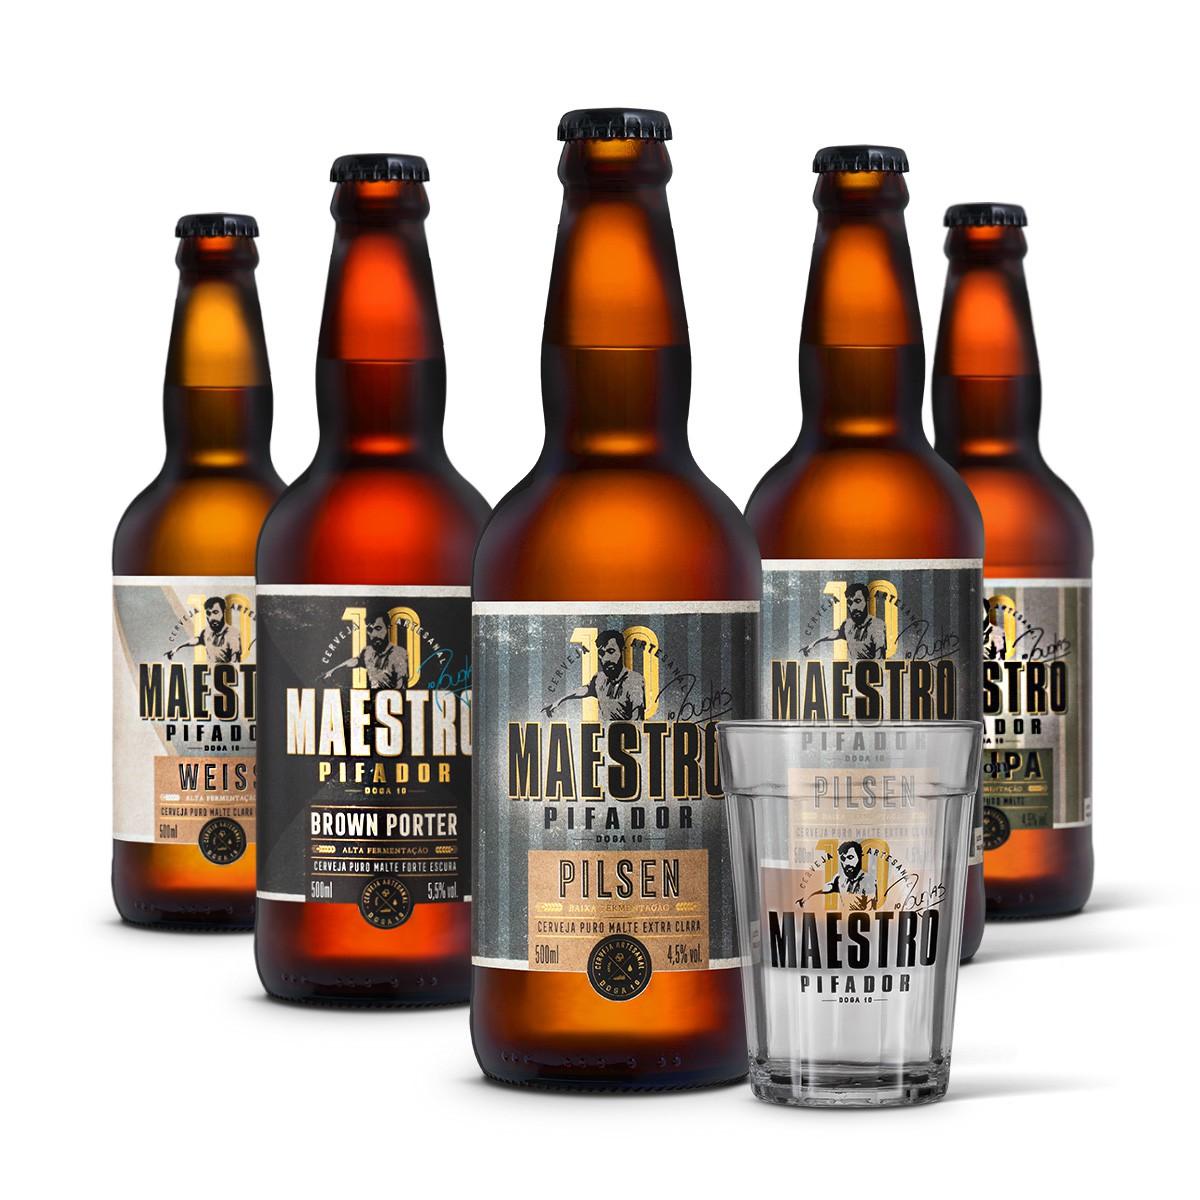 Kit degustação Maestro Pifador 5 cervejas 500ml + copo americano 300ml